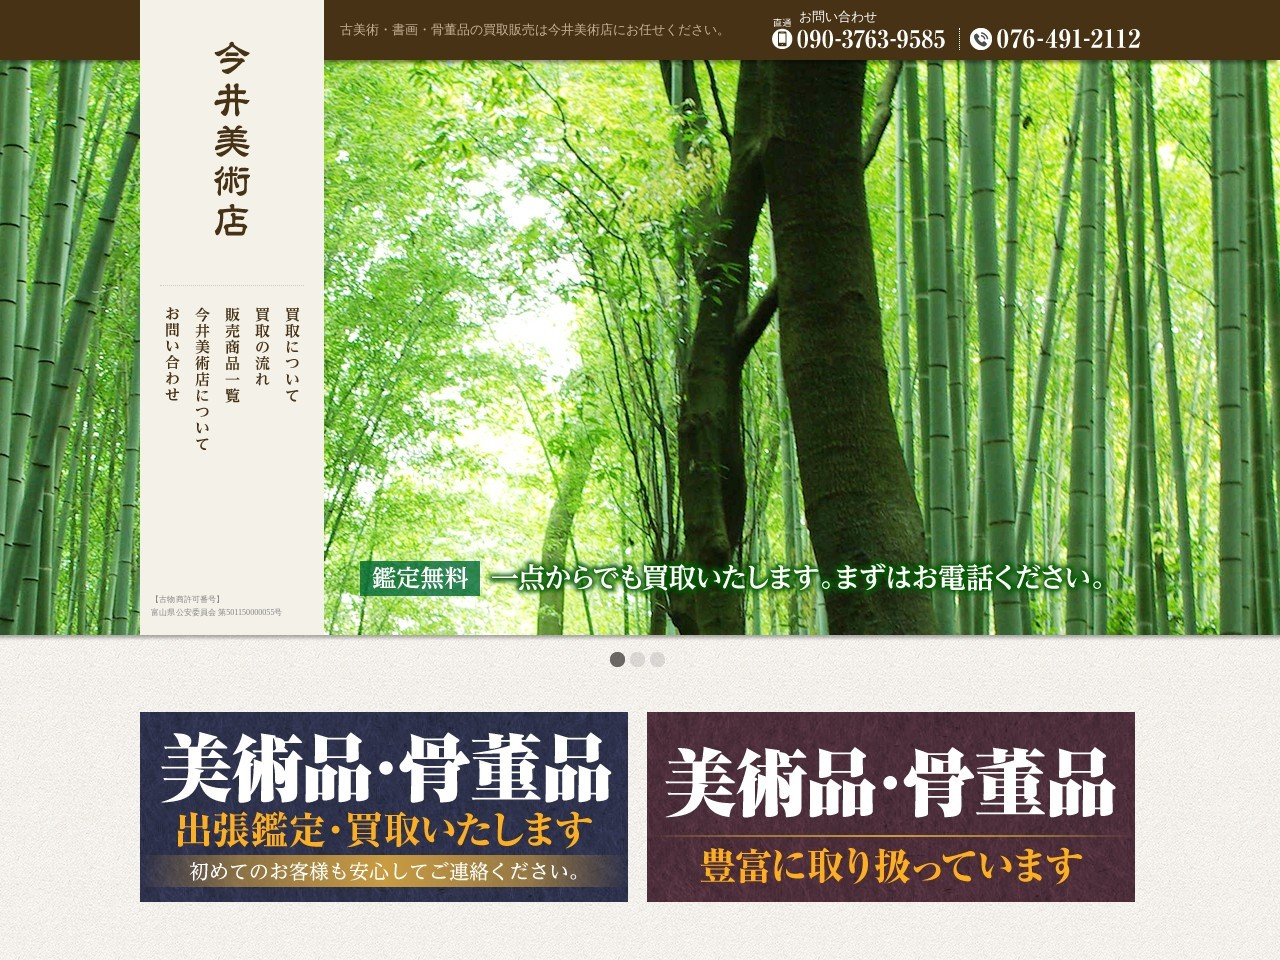 富山・石川で骨董・古美術を高く売るなら今井美術店|買取強化月間!